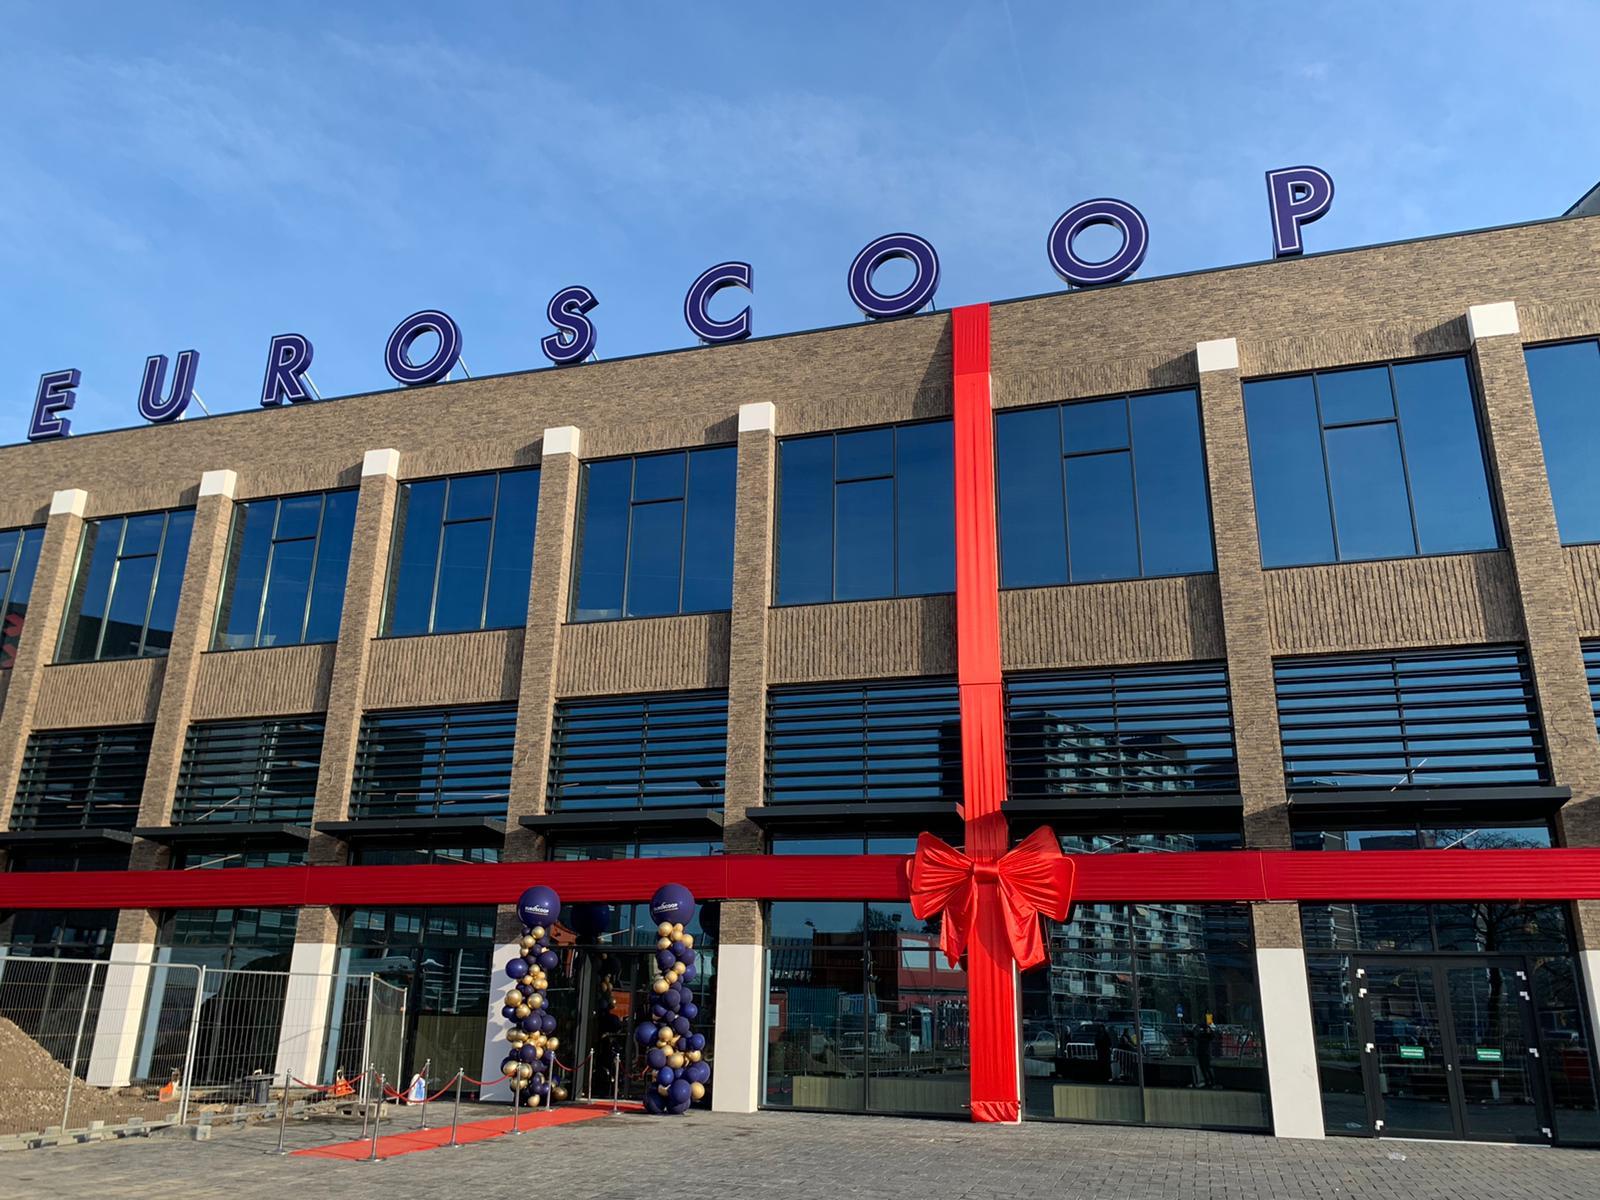 Euroscoop4